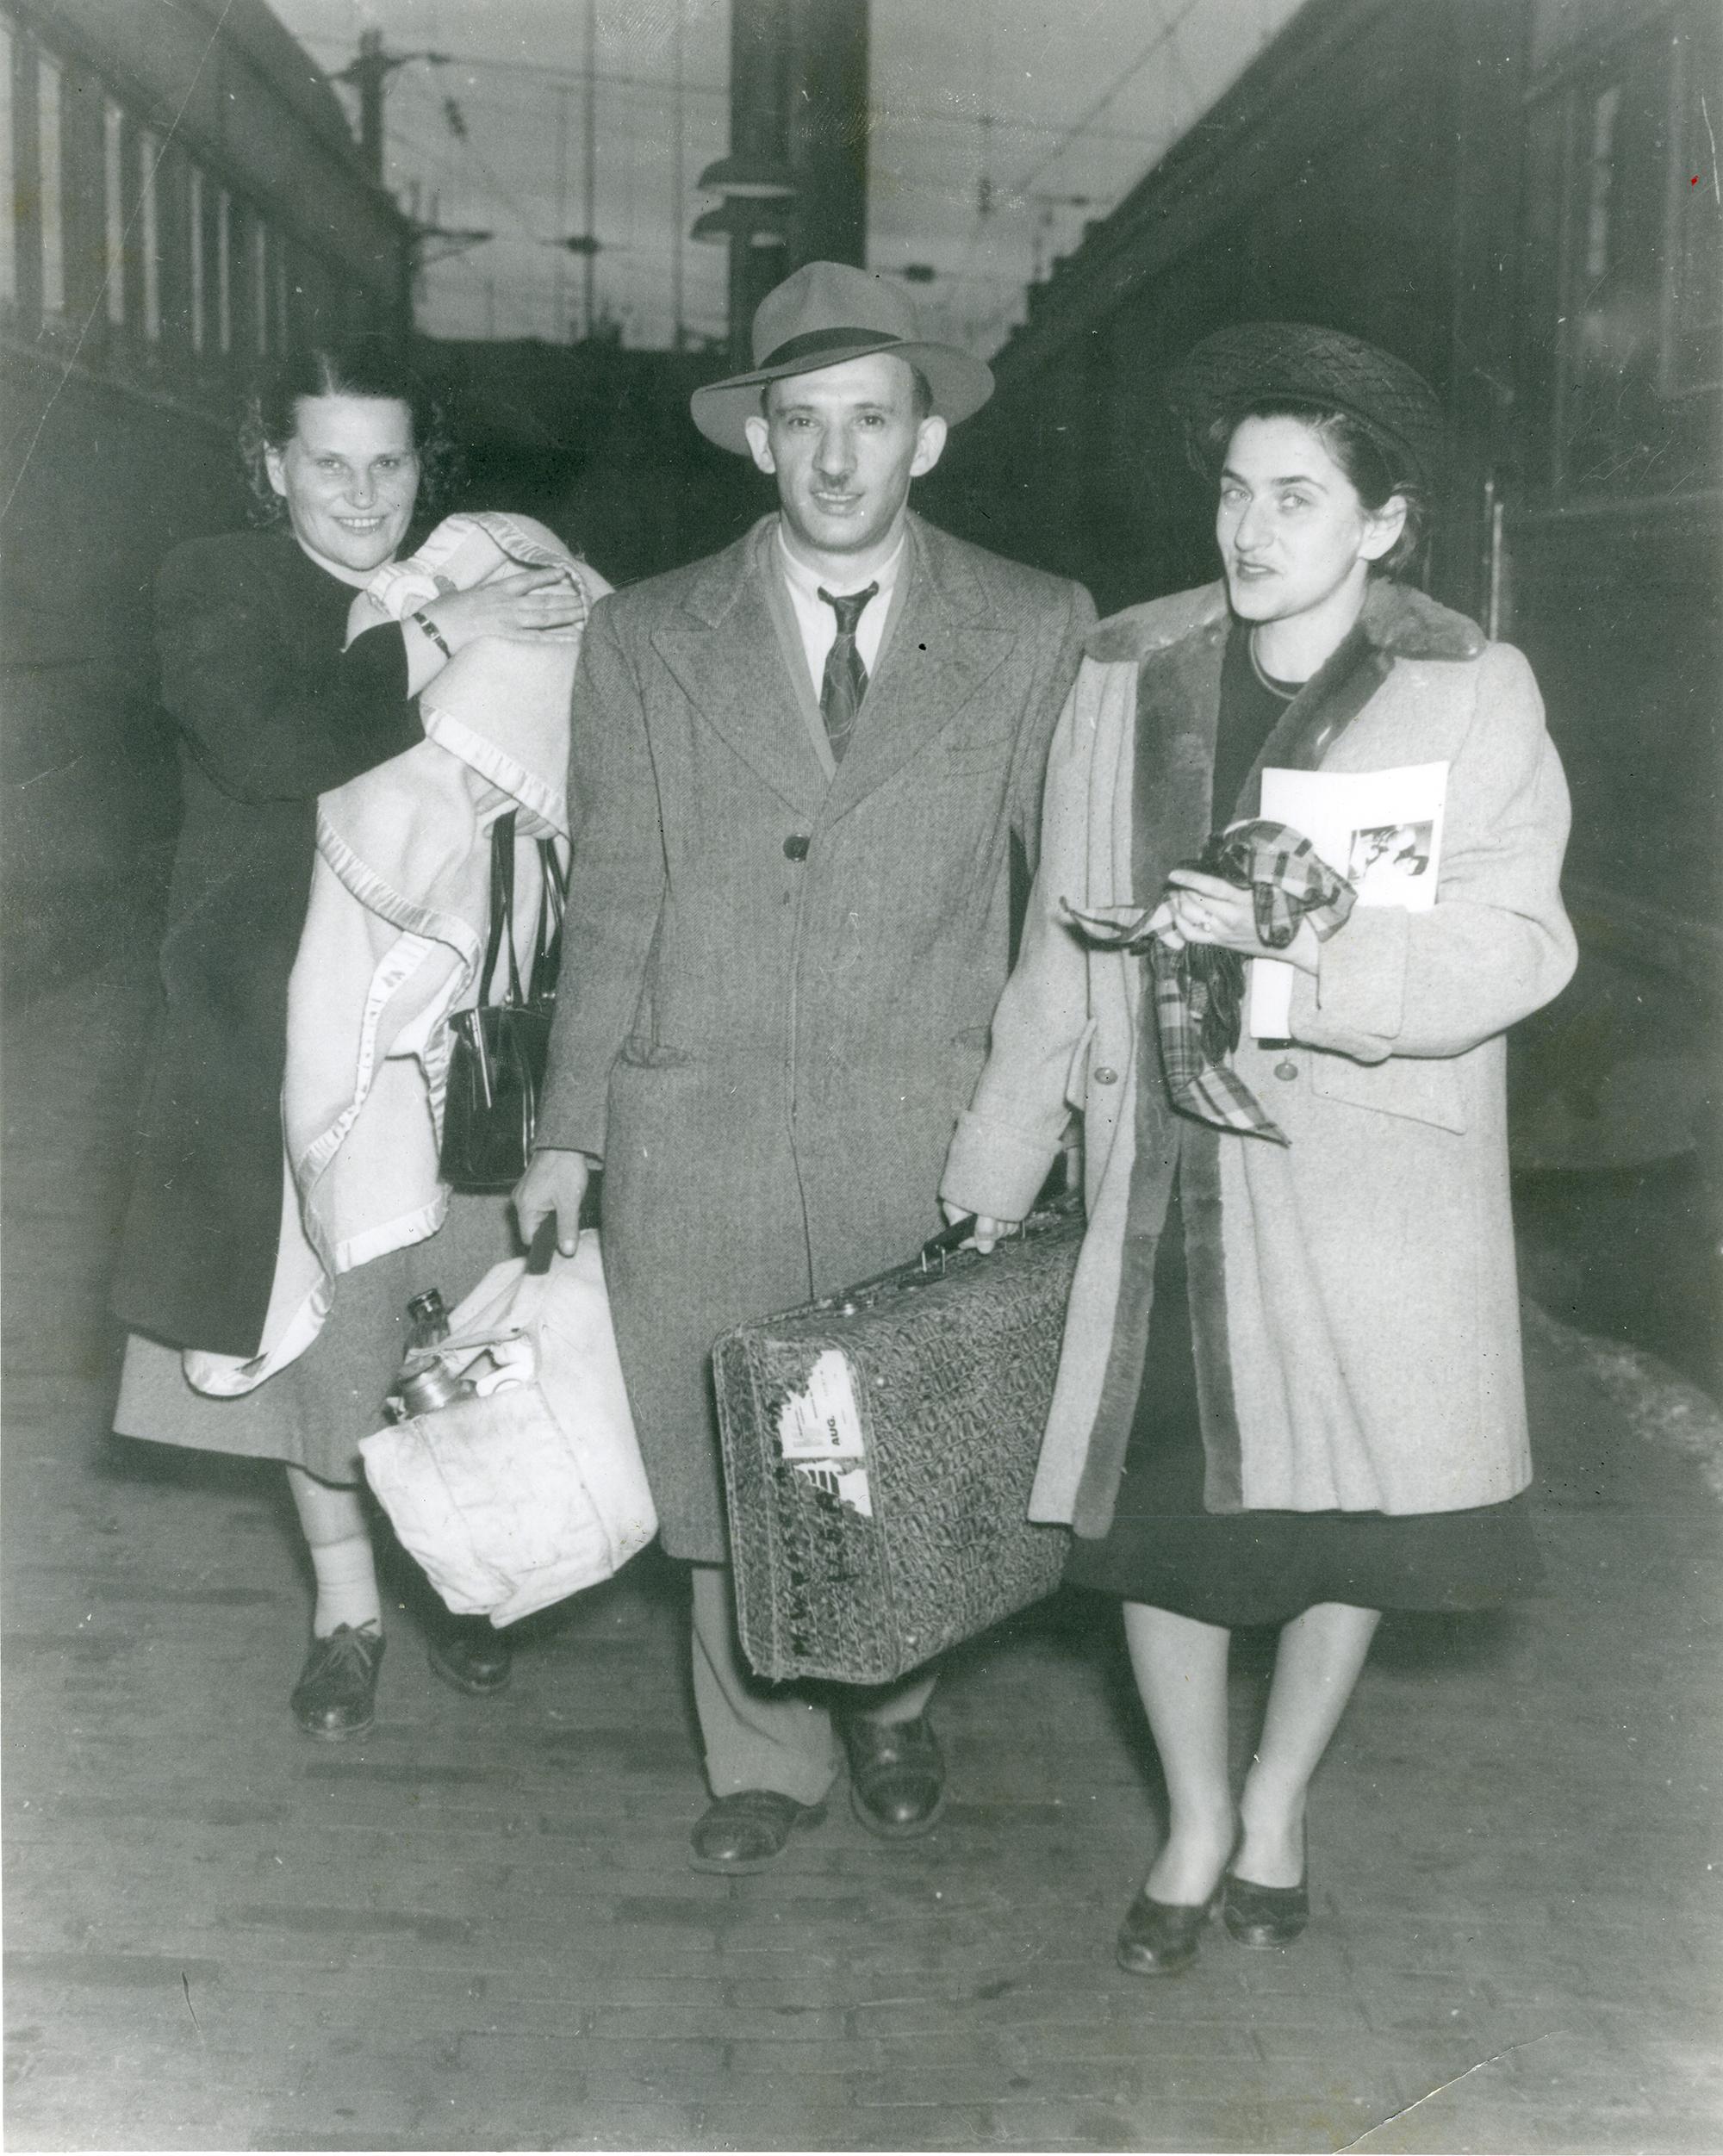 1942 image